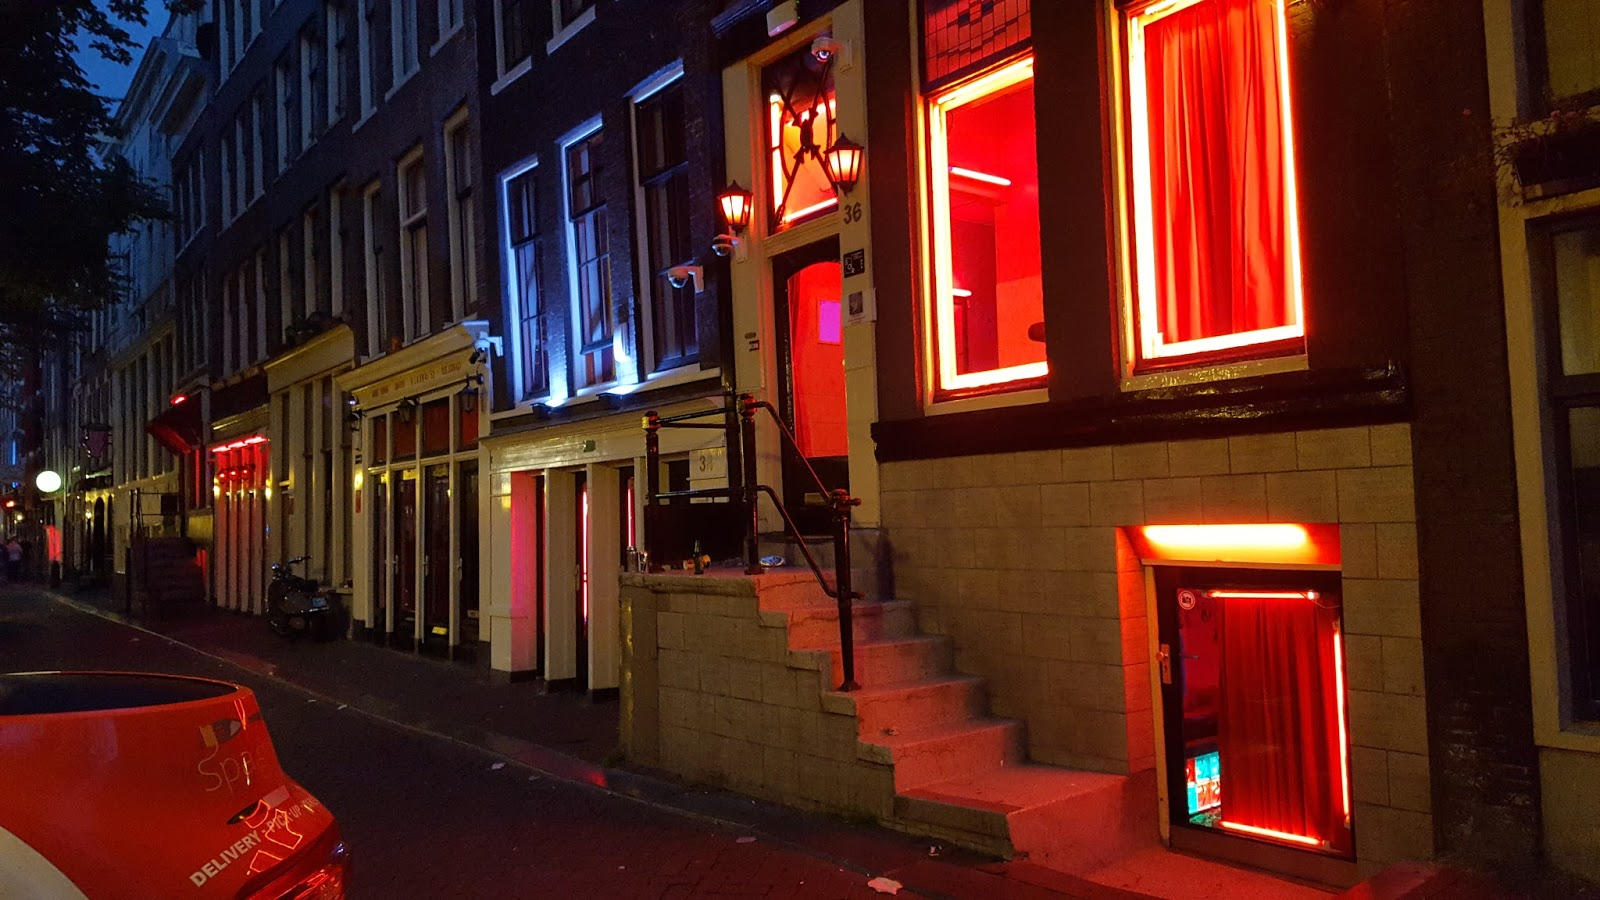 Tegelijkertijd kwam de gemeente Amsterdam met hun jaarlijkse verslag van de prostitutie branche, met daarin ook.